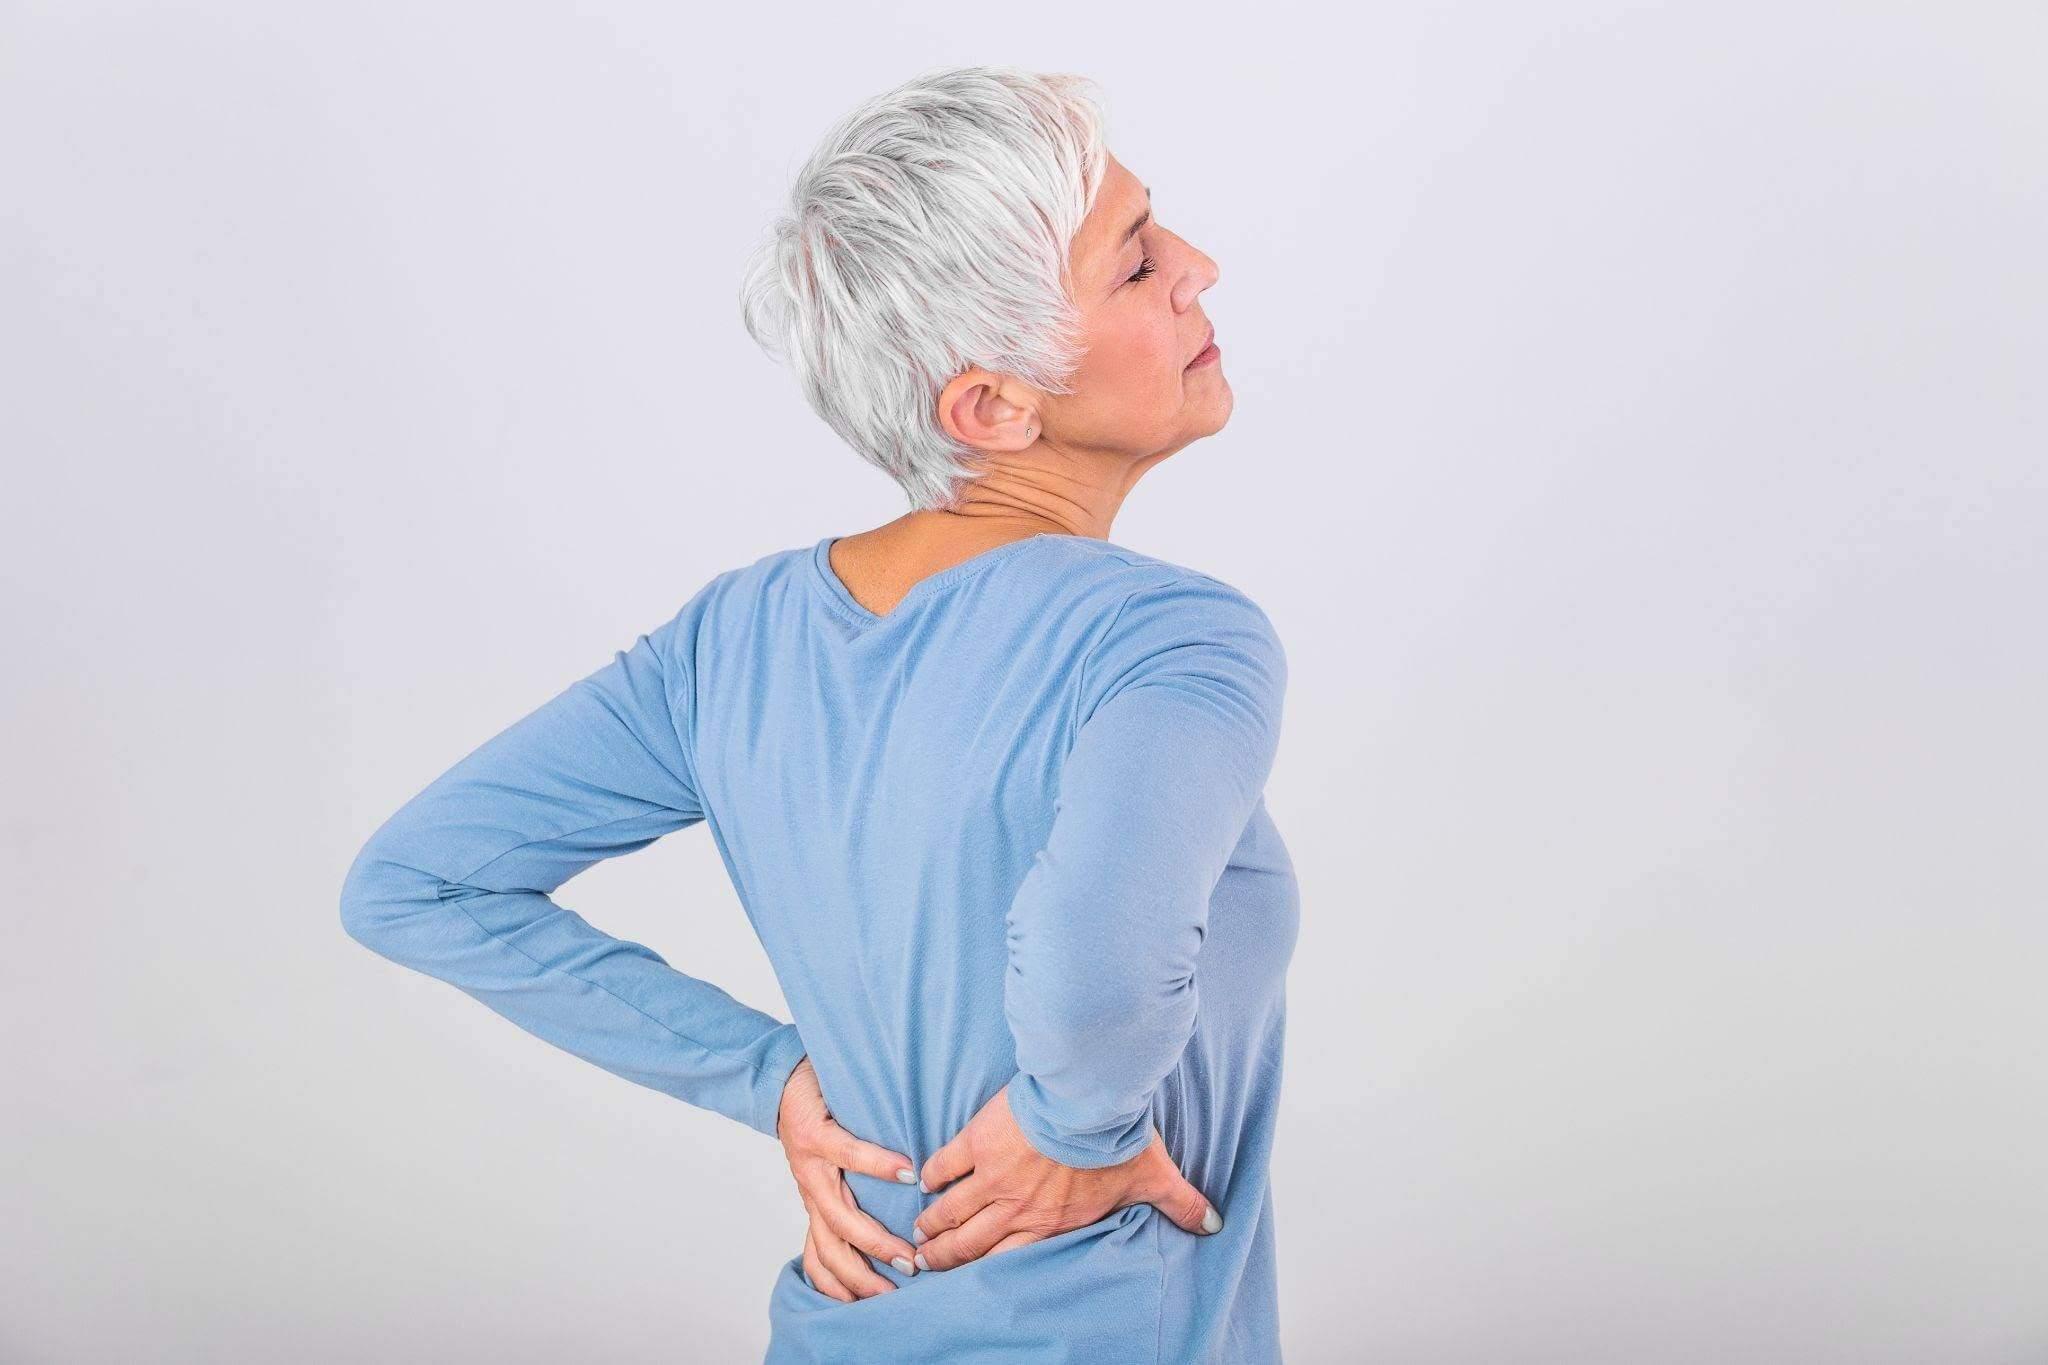 Lumbar Sympathetic Block Treatment in charlotte